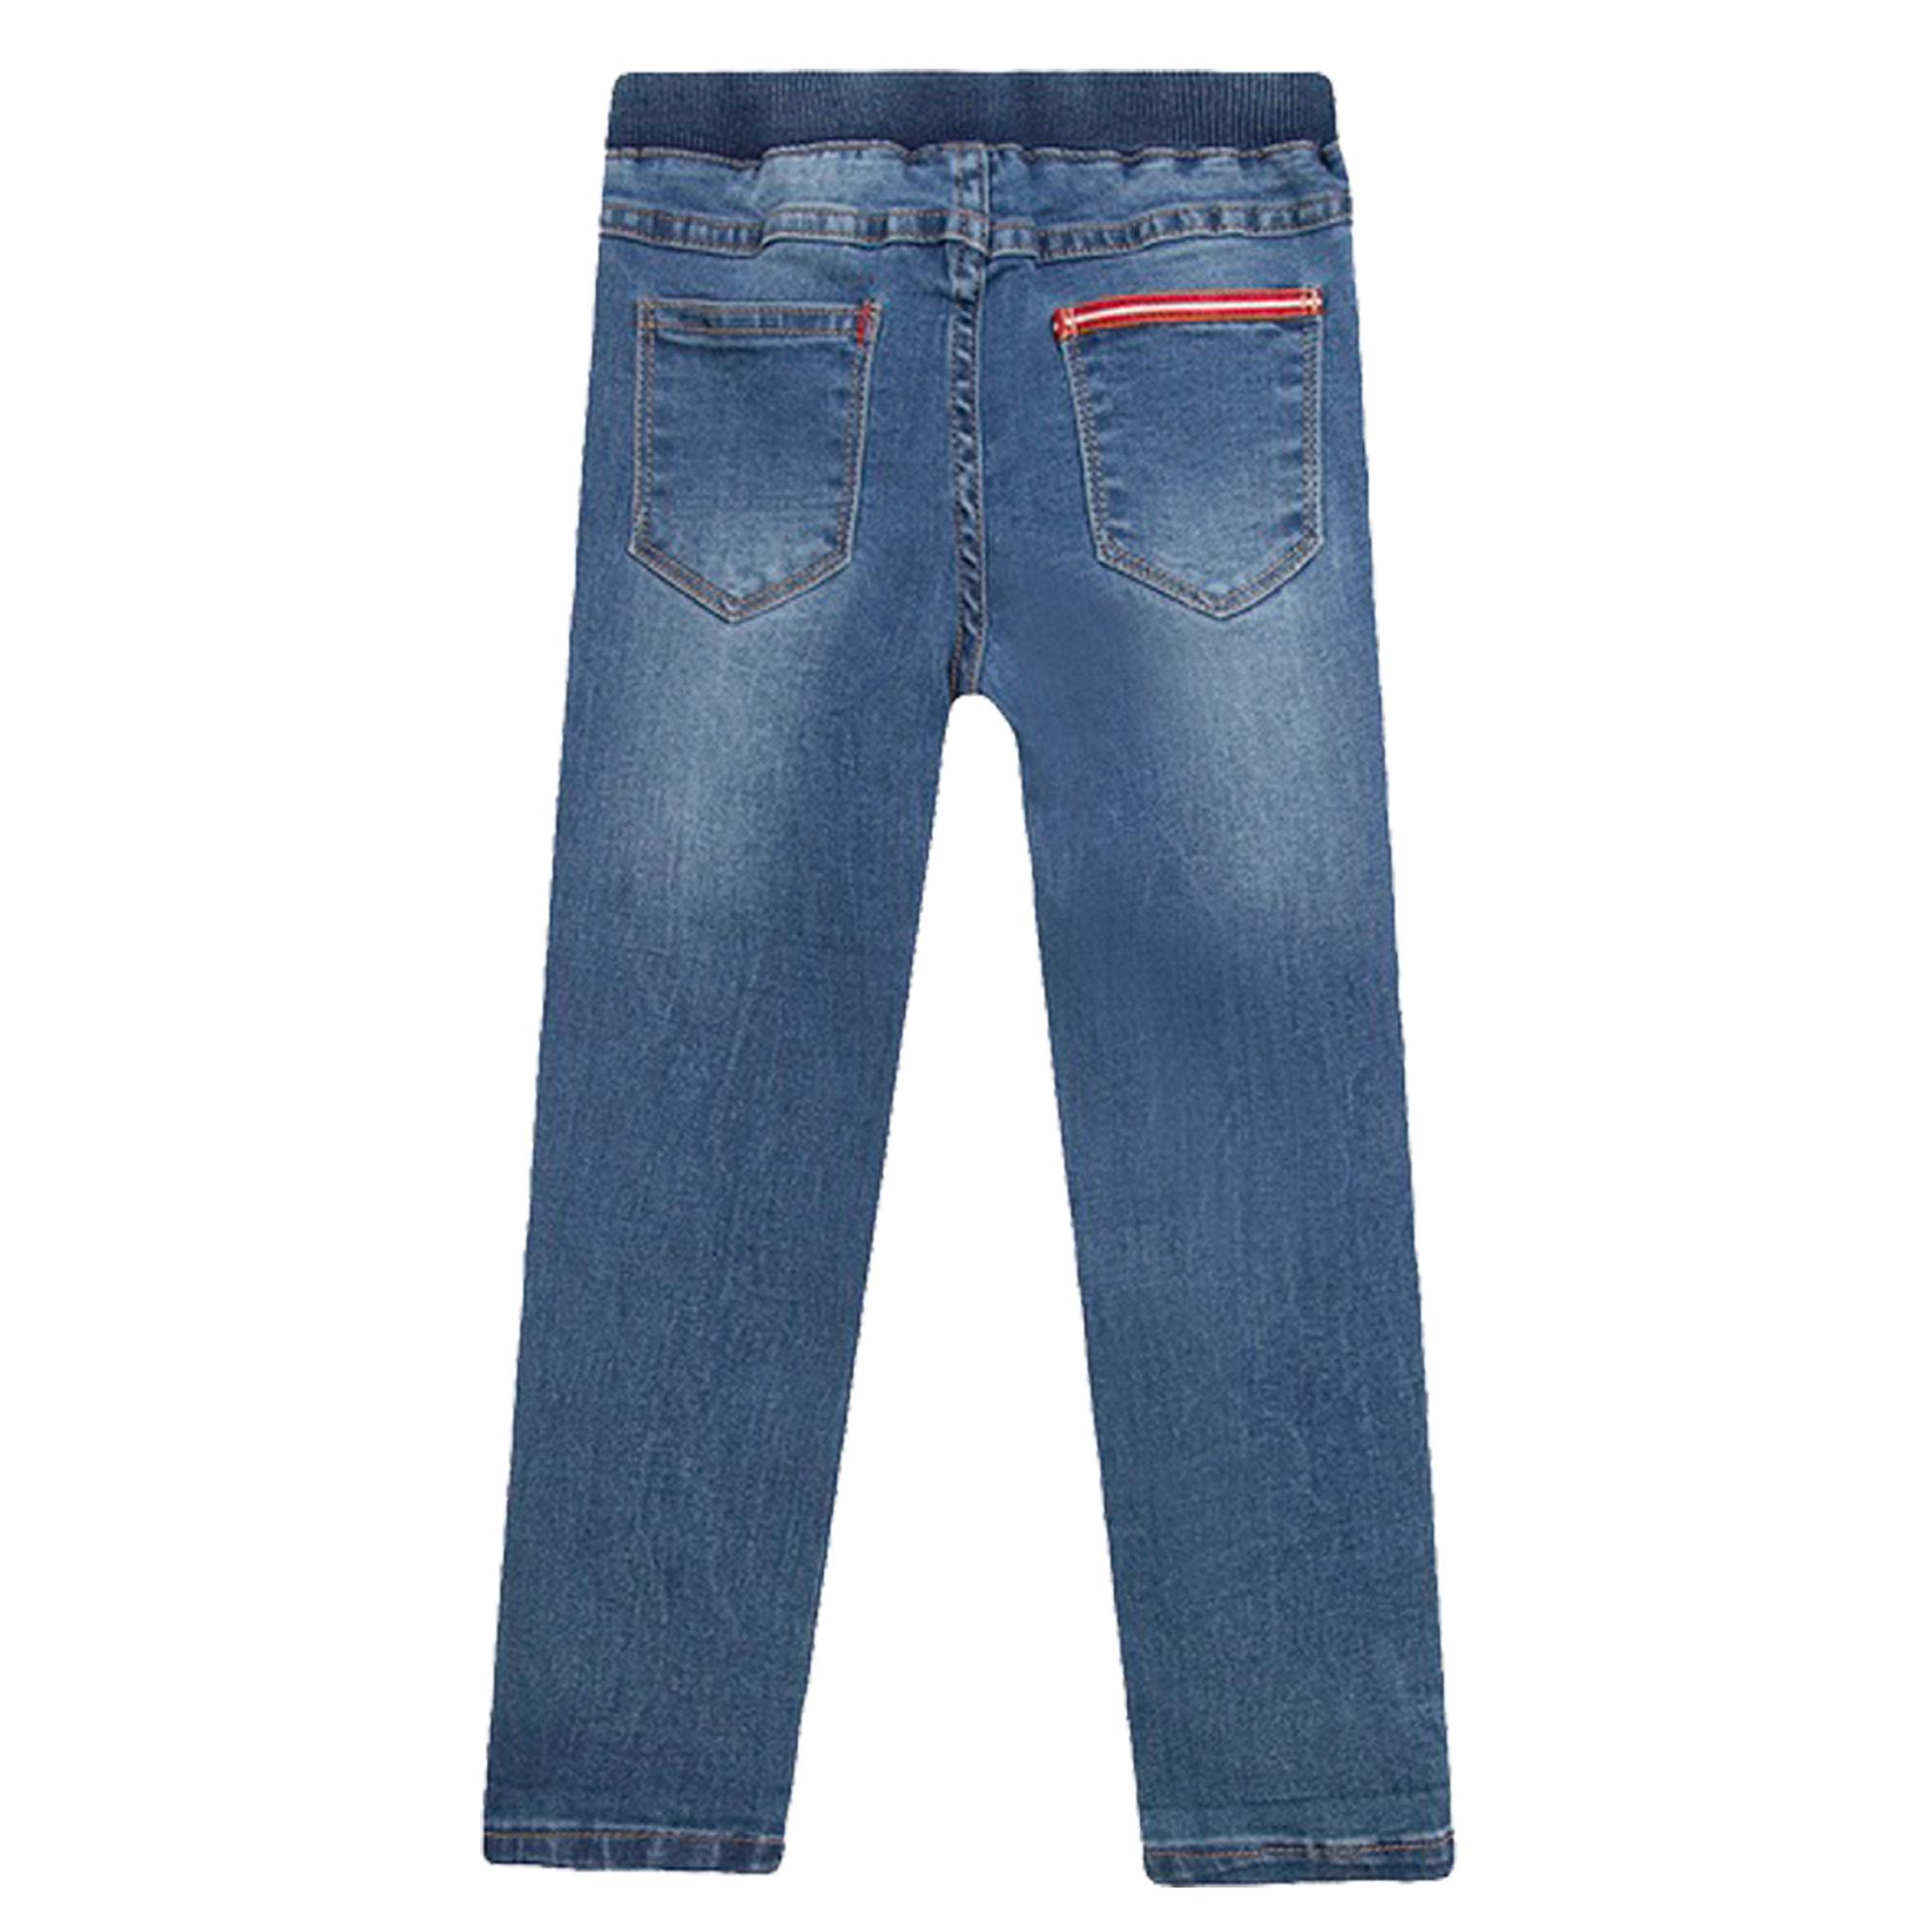 Модерни избелени дънки с ластик и копче от Newness в синьо